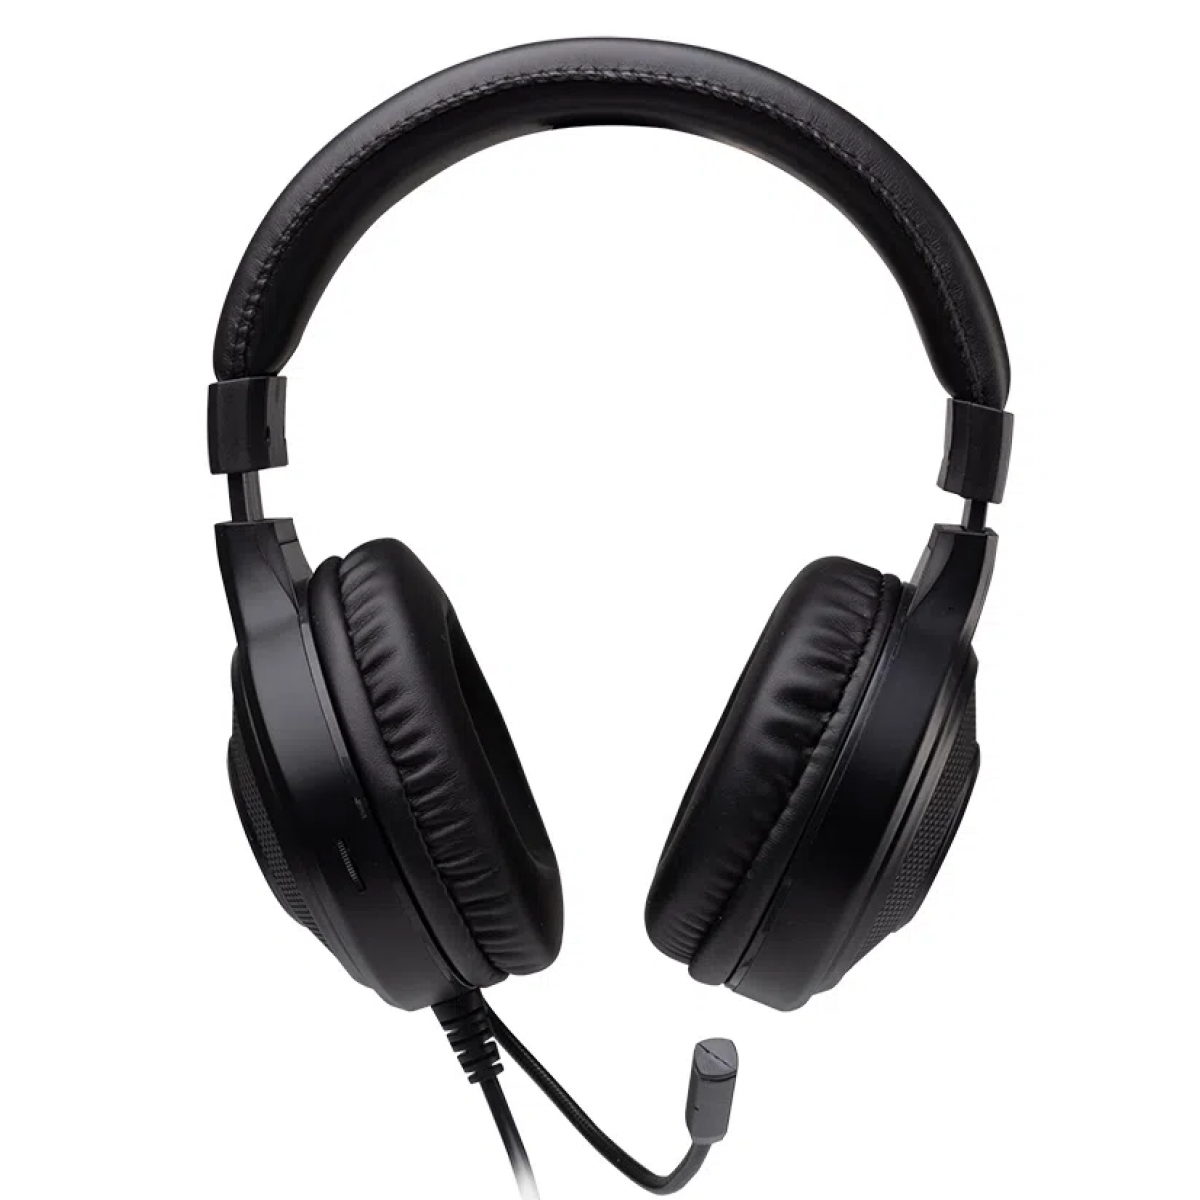 Headset Gamer Dazz Cobra, Com Fio, 3.5mm, Black